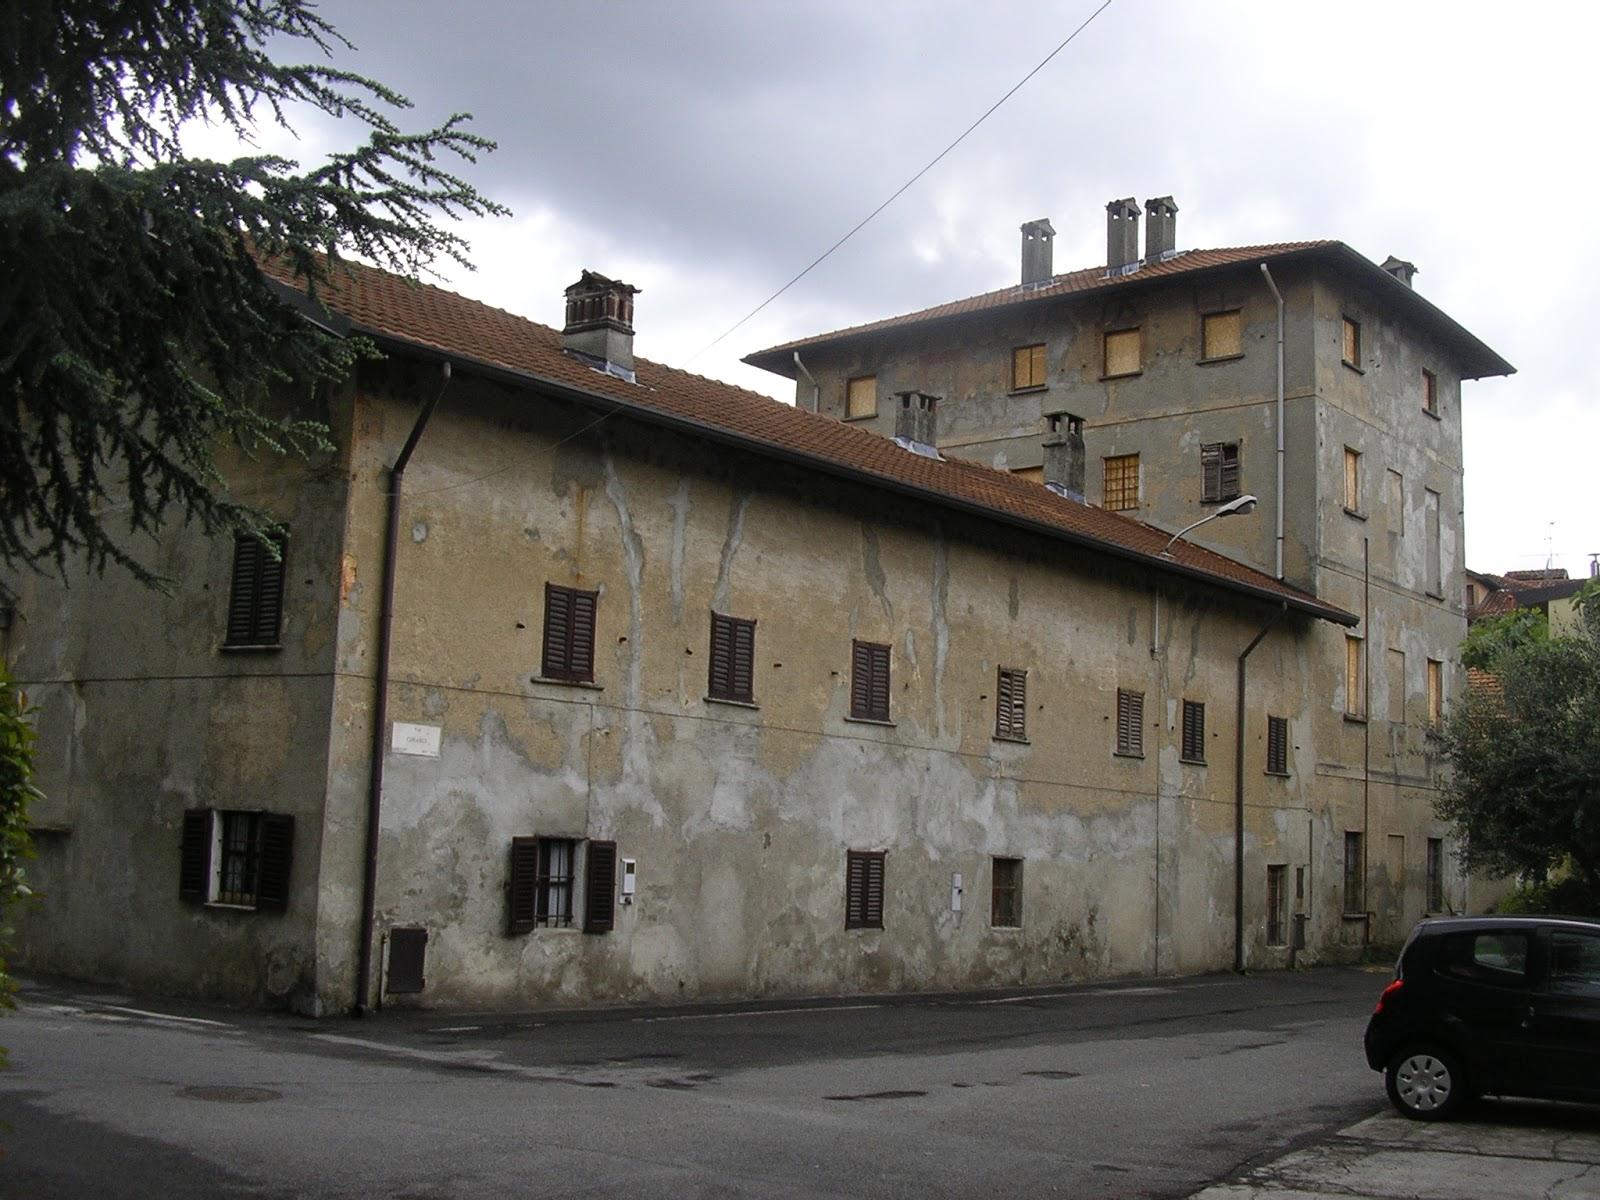 http://brianzacentrale.blogspot.it/2014/05/lantico-complesso-di-cascina-donetta.html